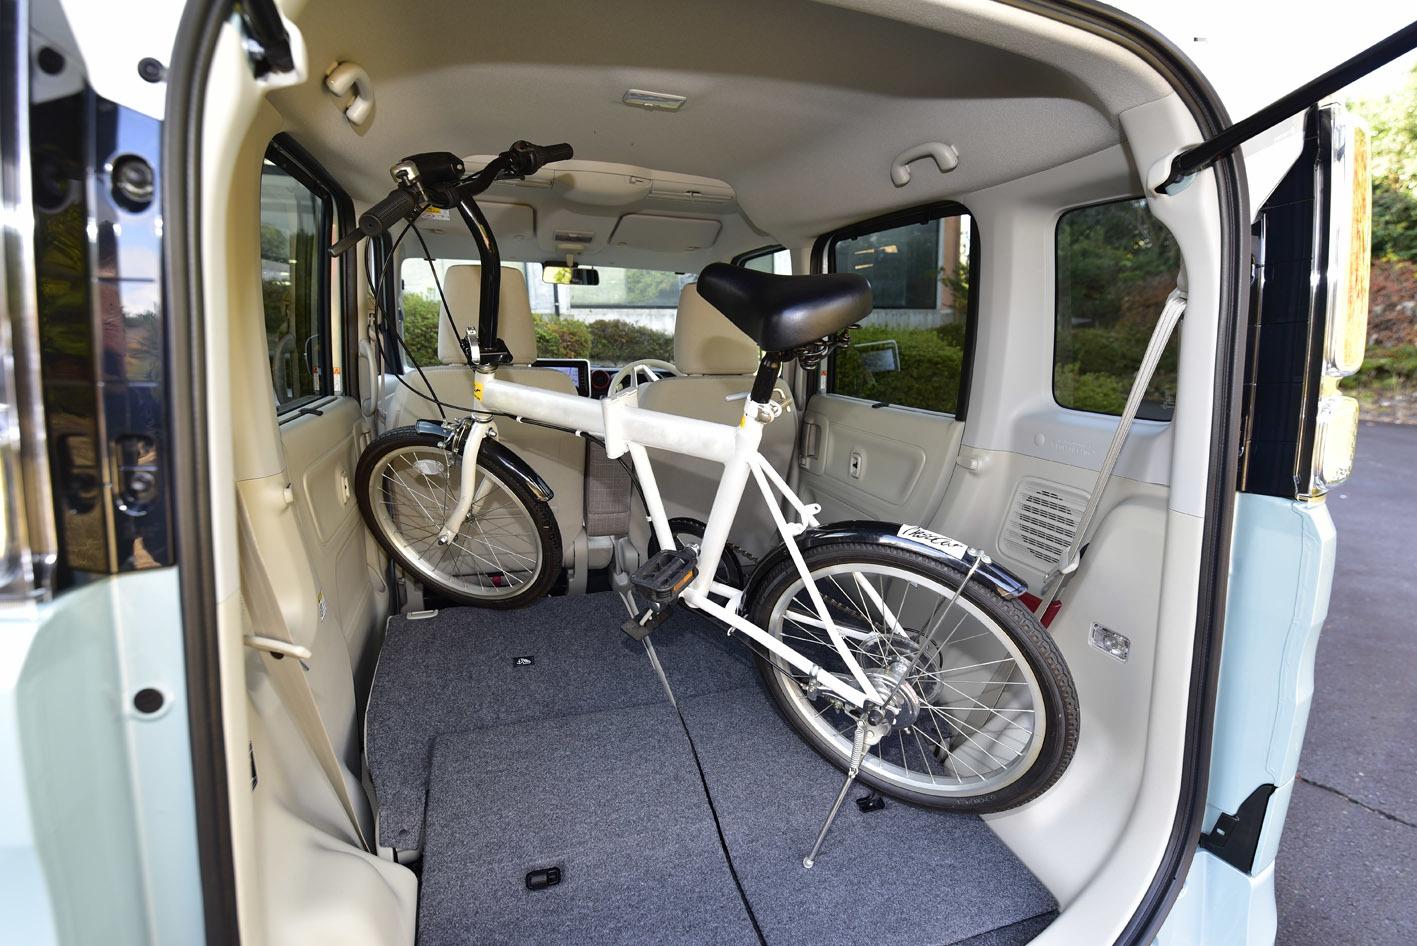 新型スペーシアは開口高が25mm下がり、後席がワンアクションで格納可能。27インチの自転車が楽に積めるようになった